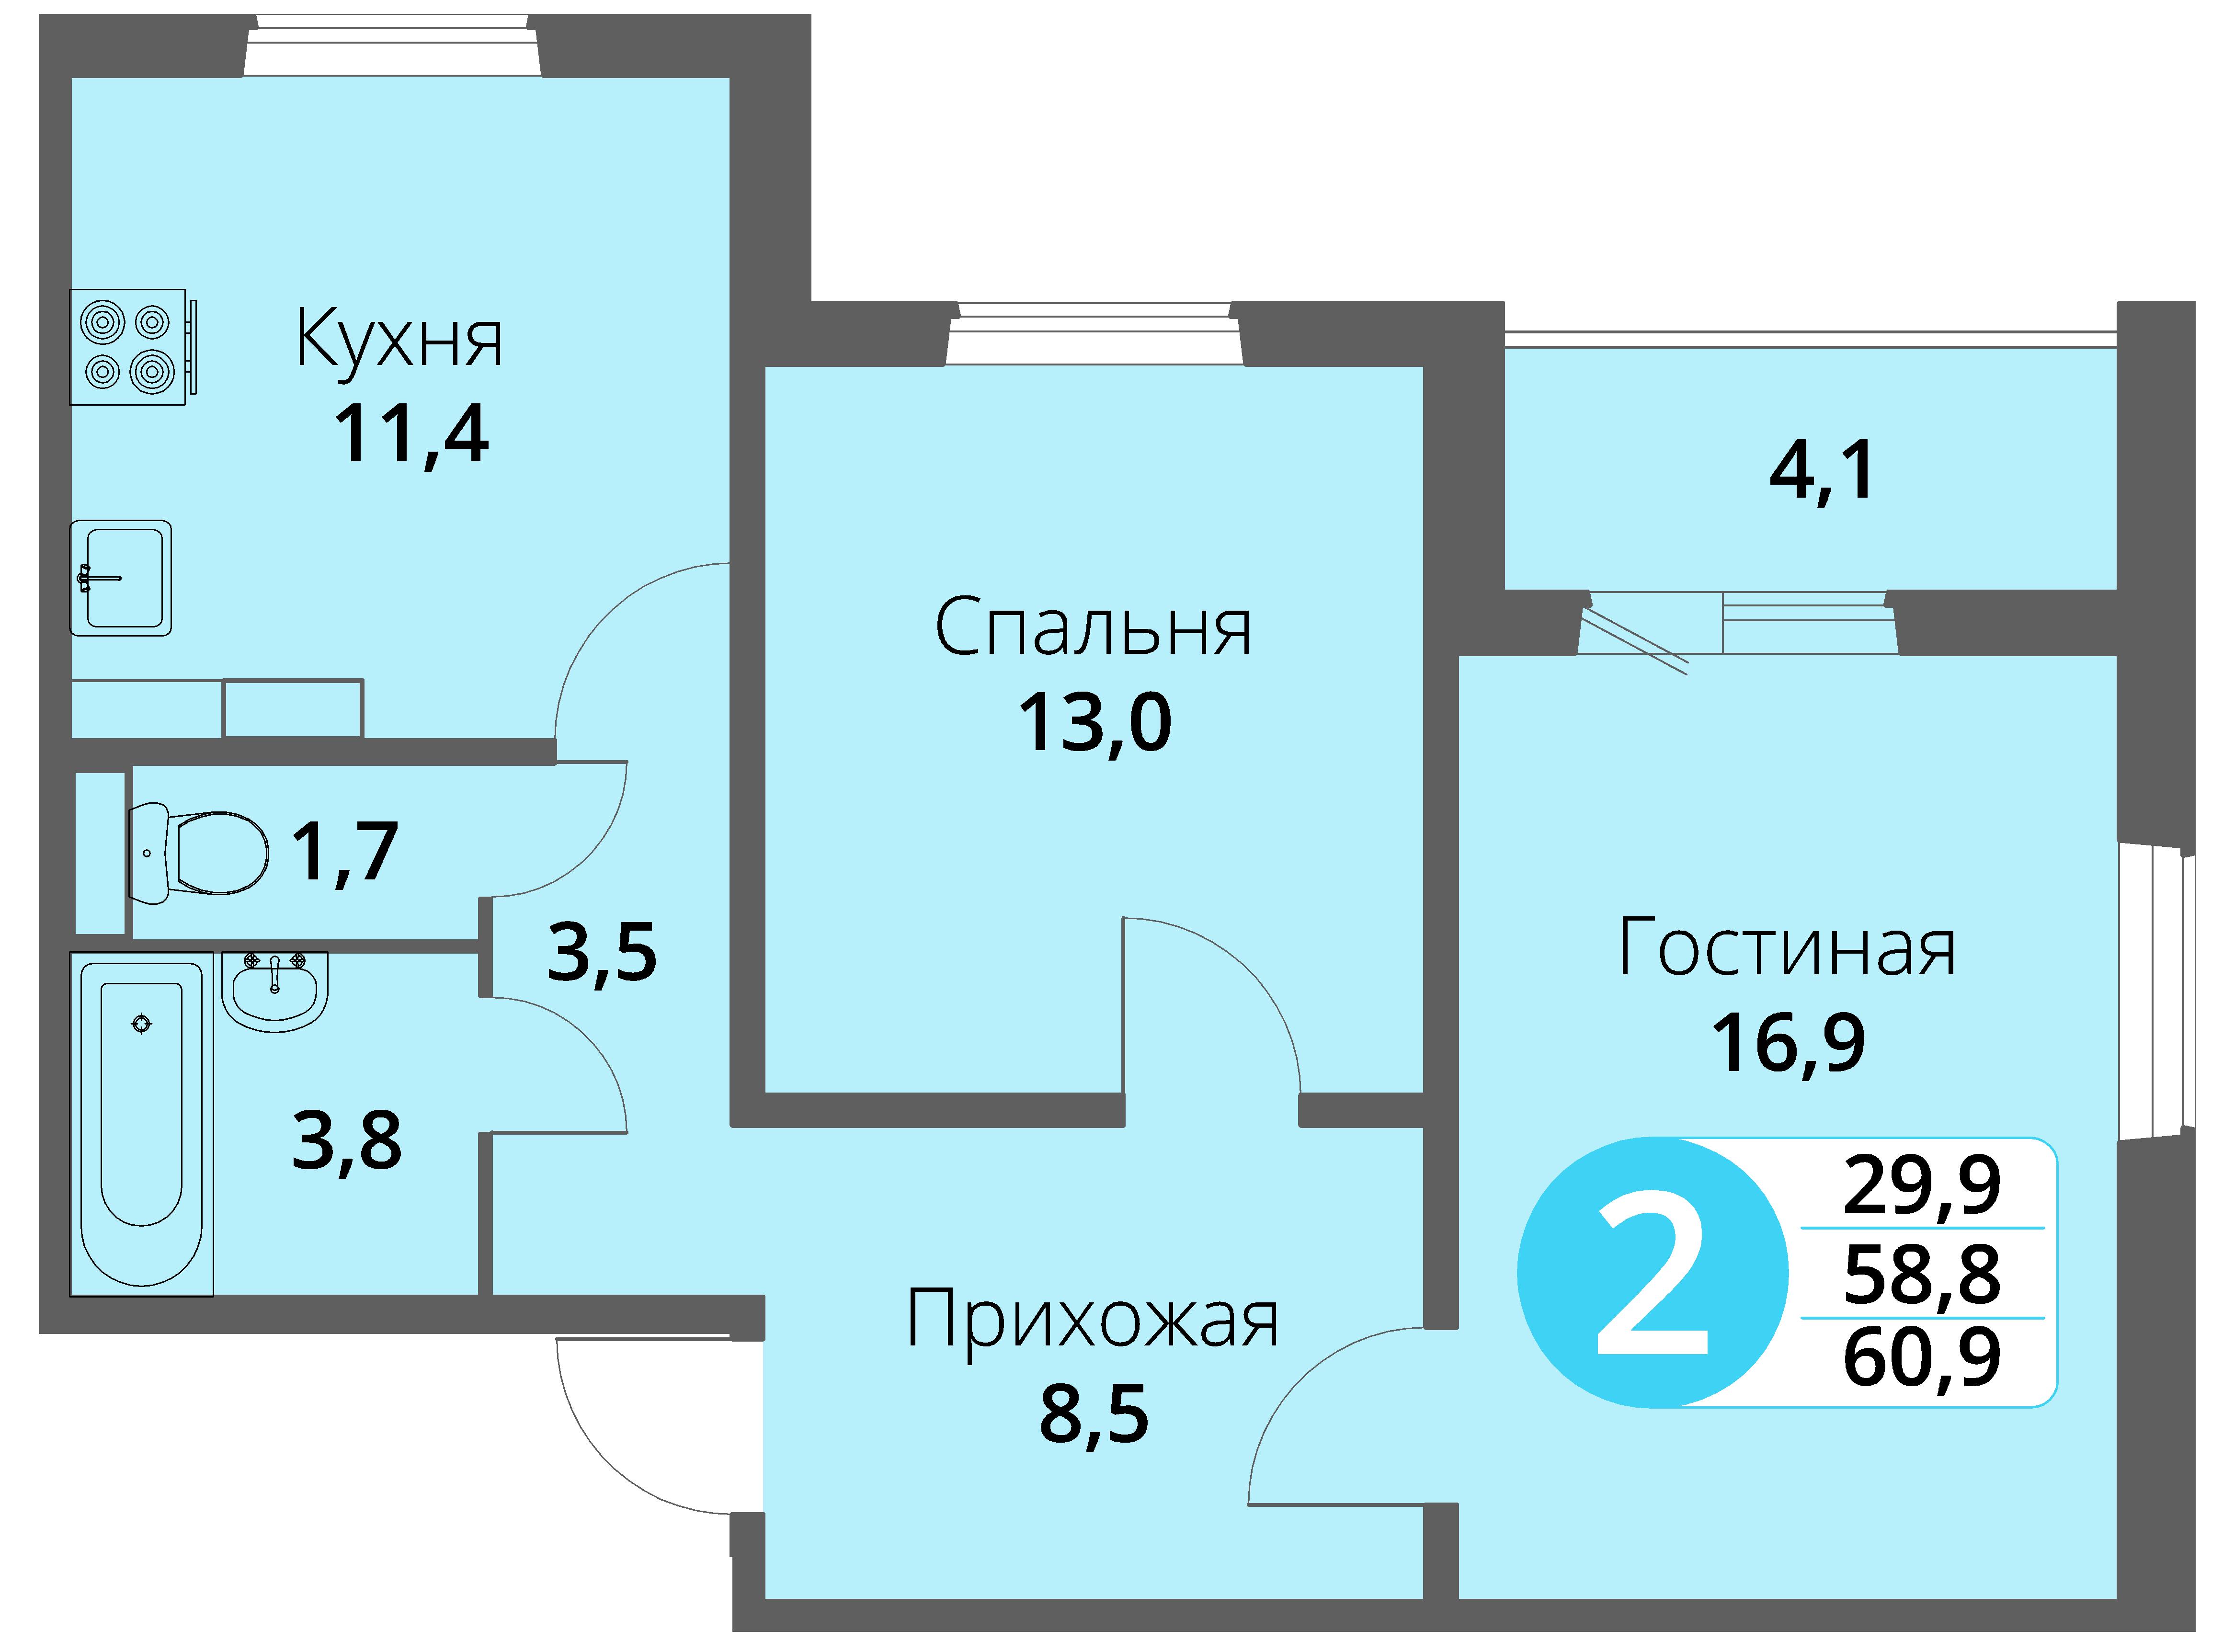 Зареченская 1-2, квартира 6 - Двухкомнатная